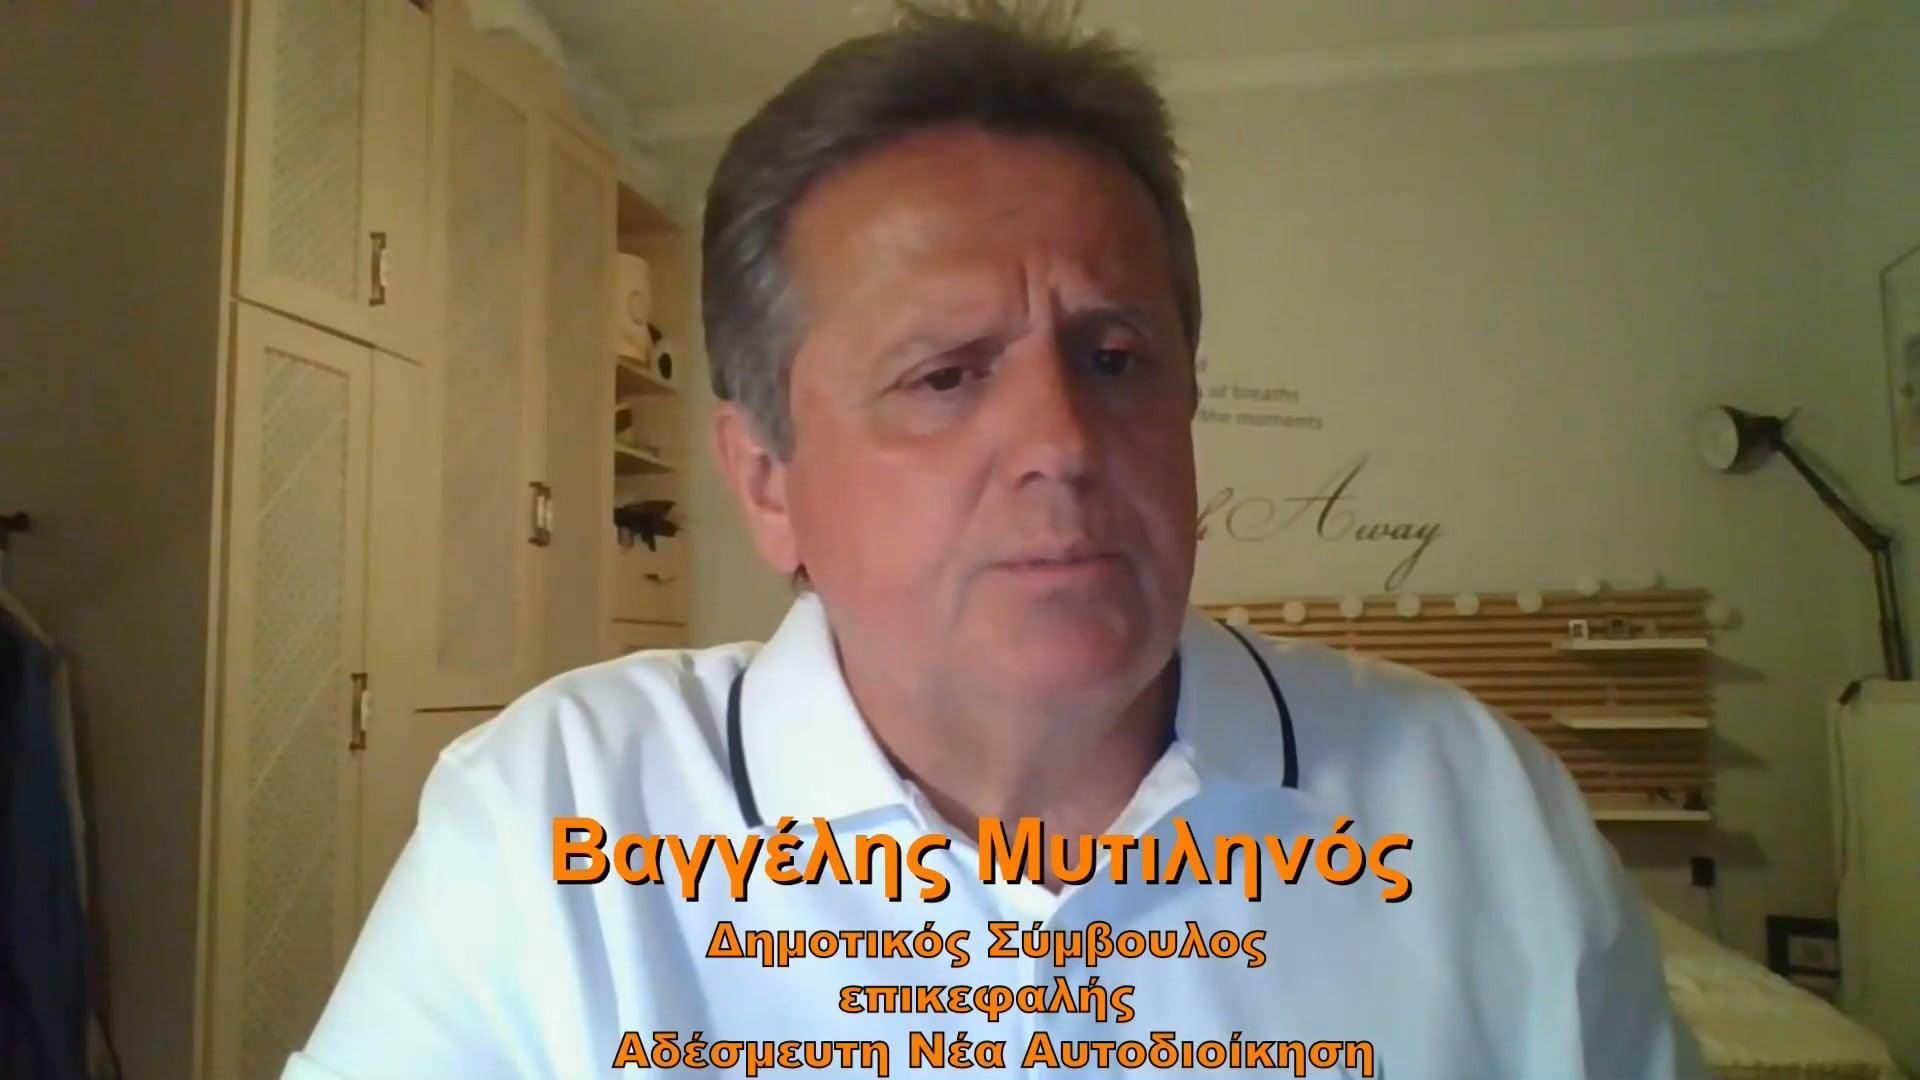 Β. Μυτιληνός : Σύγκλιση μπορεί να γίνει και με την αντιπολίτευση, όχι απαραίτητα με τη Δημοτική αρχή